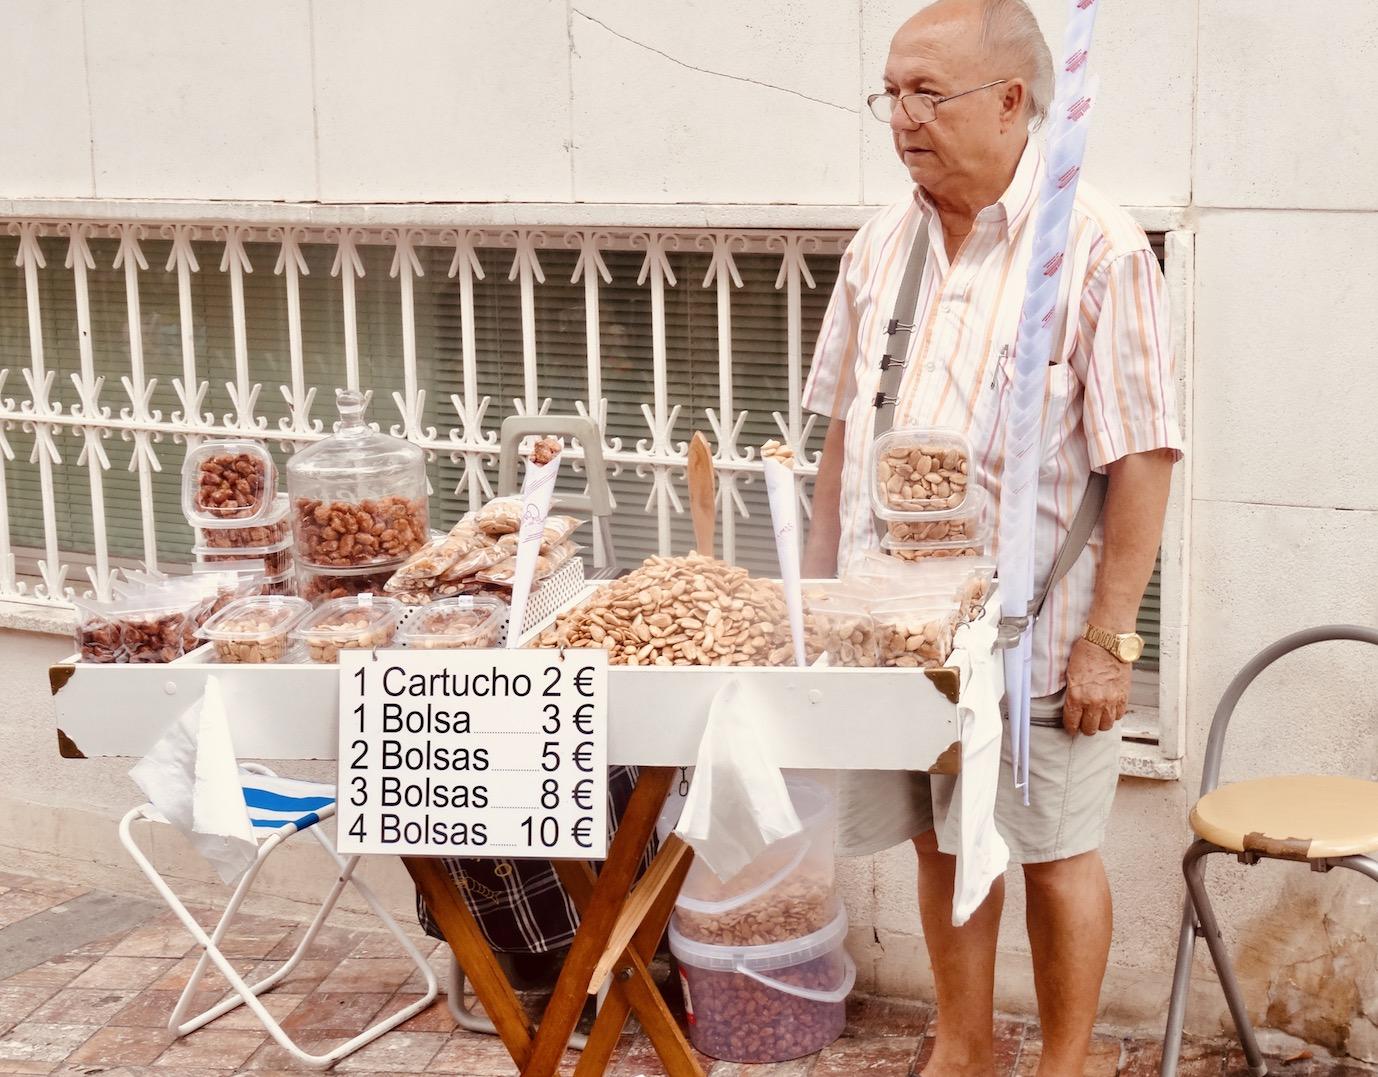 Peanut man Nerja Spain.